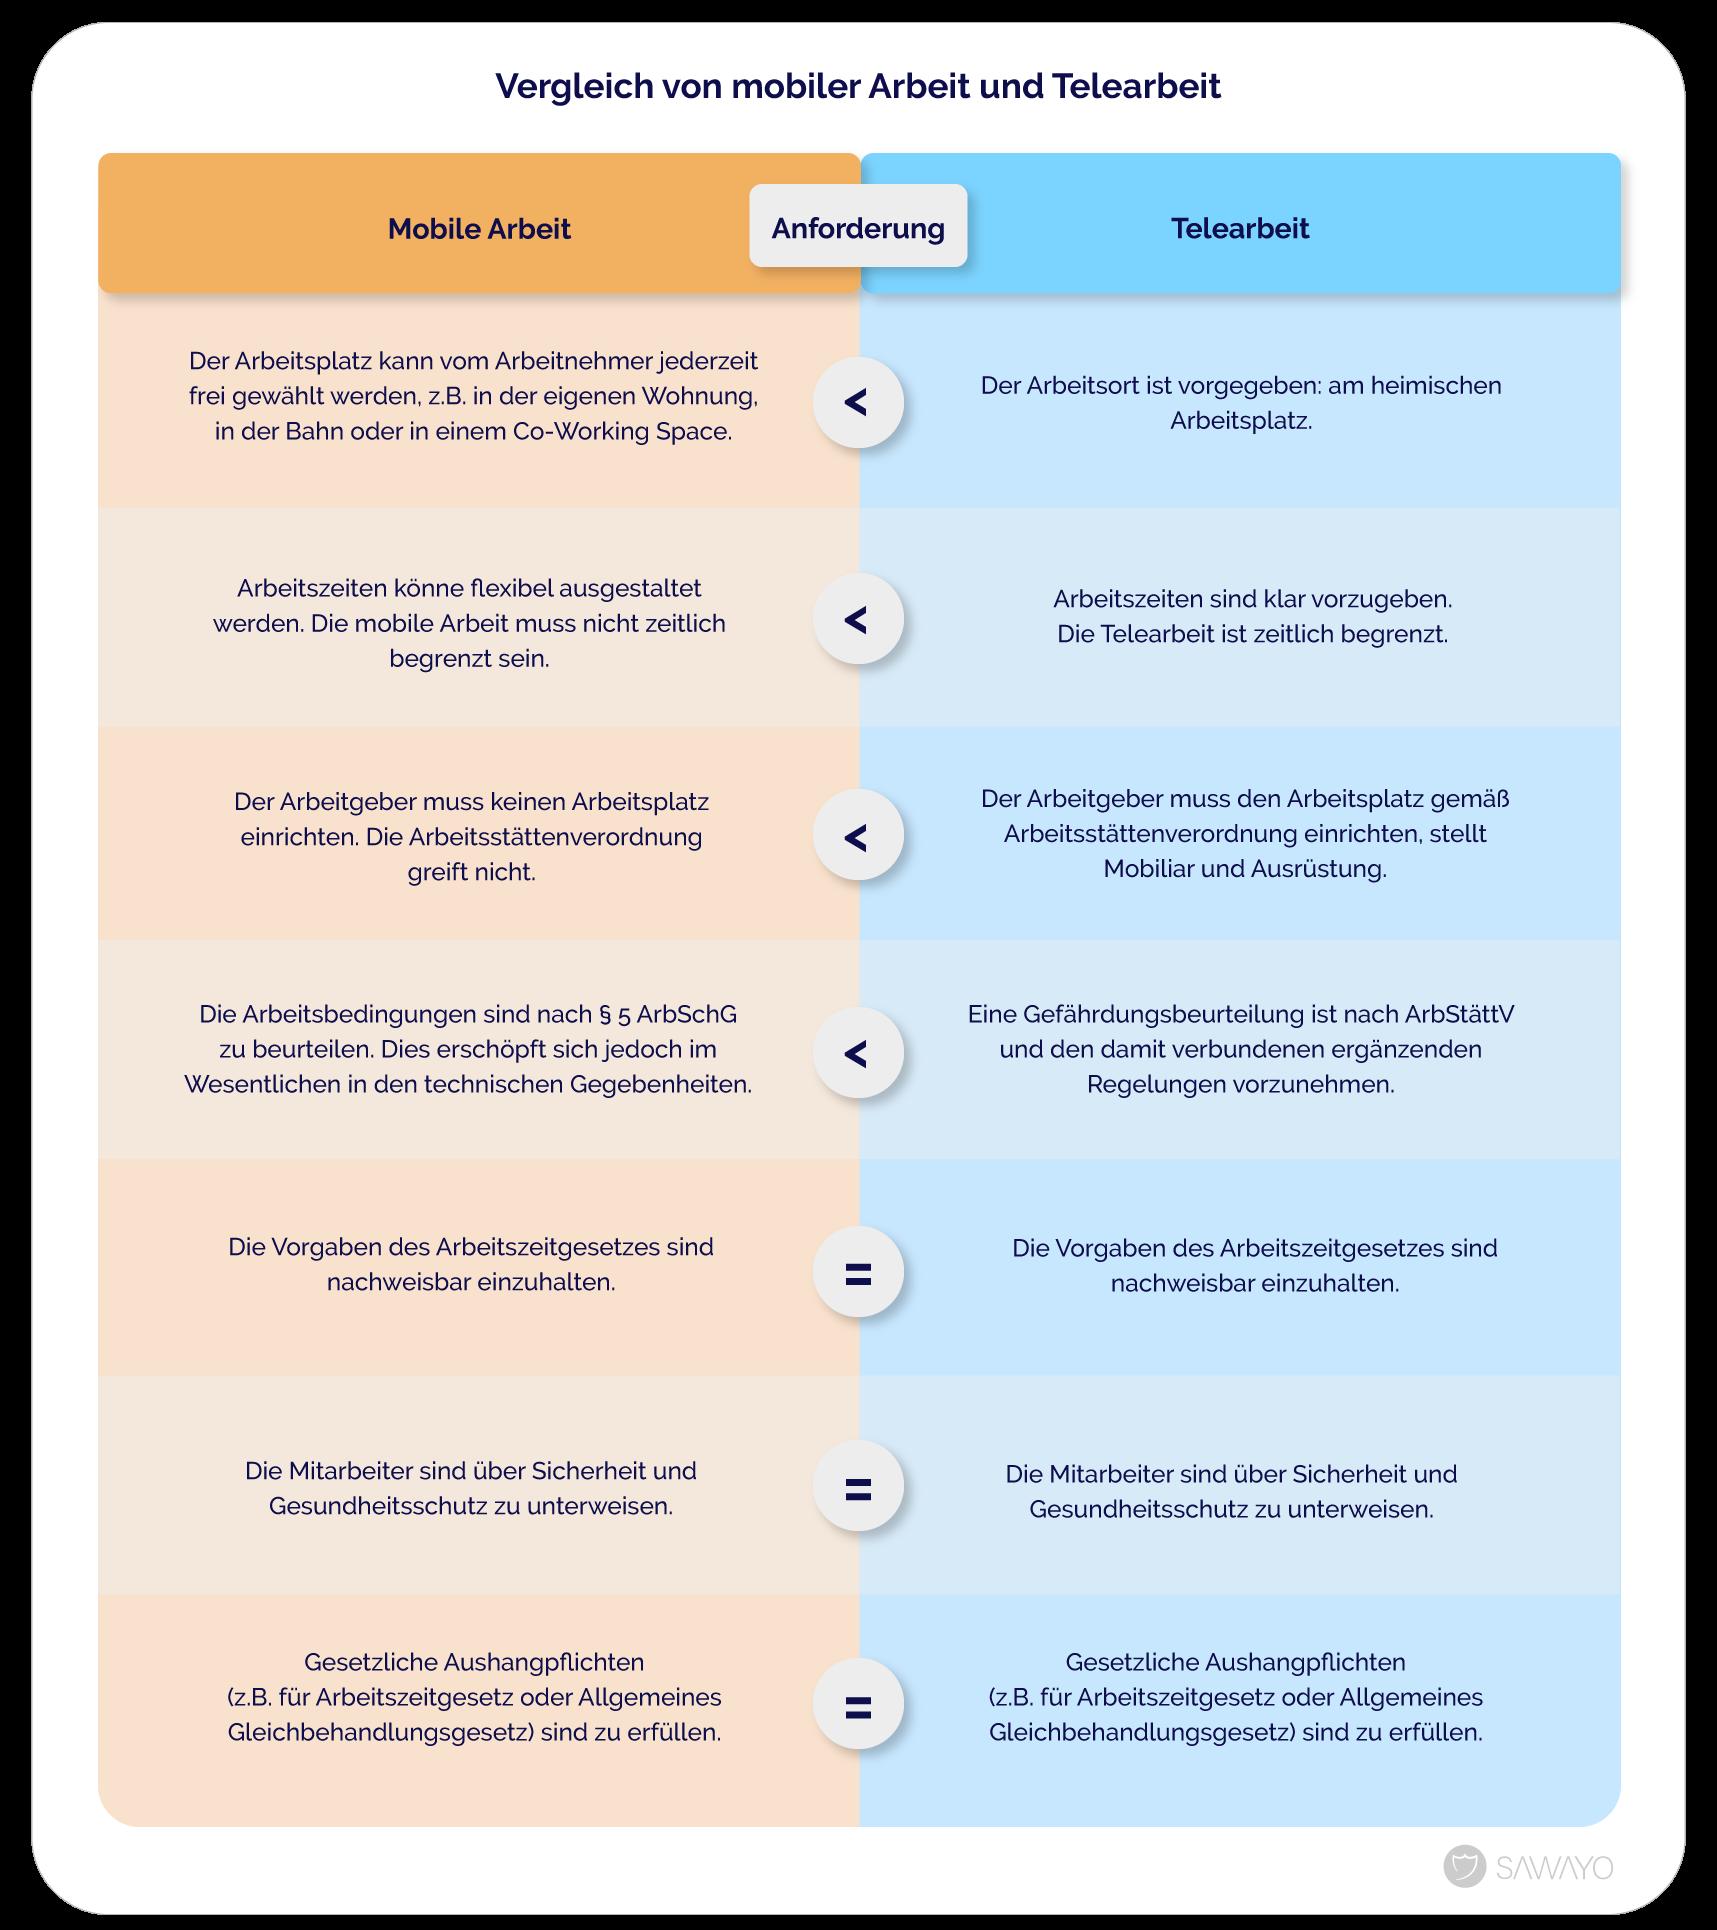 Tabelle Vergleich von mobiler Arbeit und Telearbeit